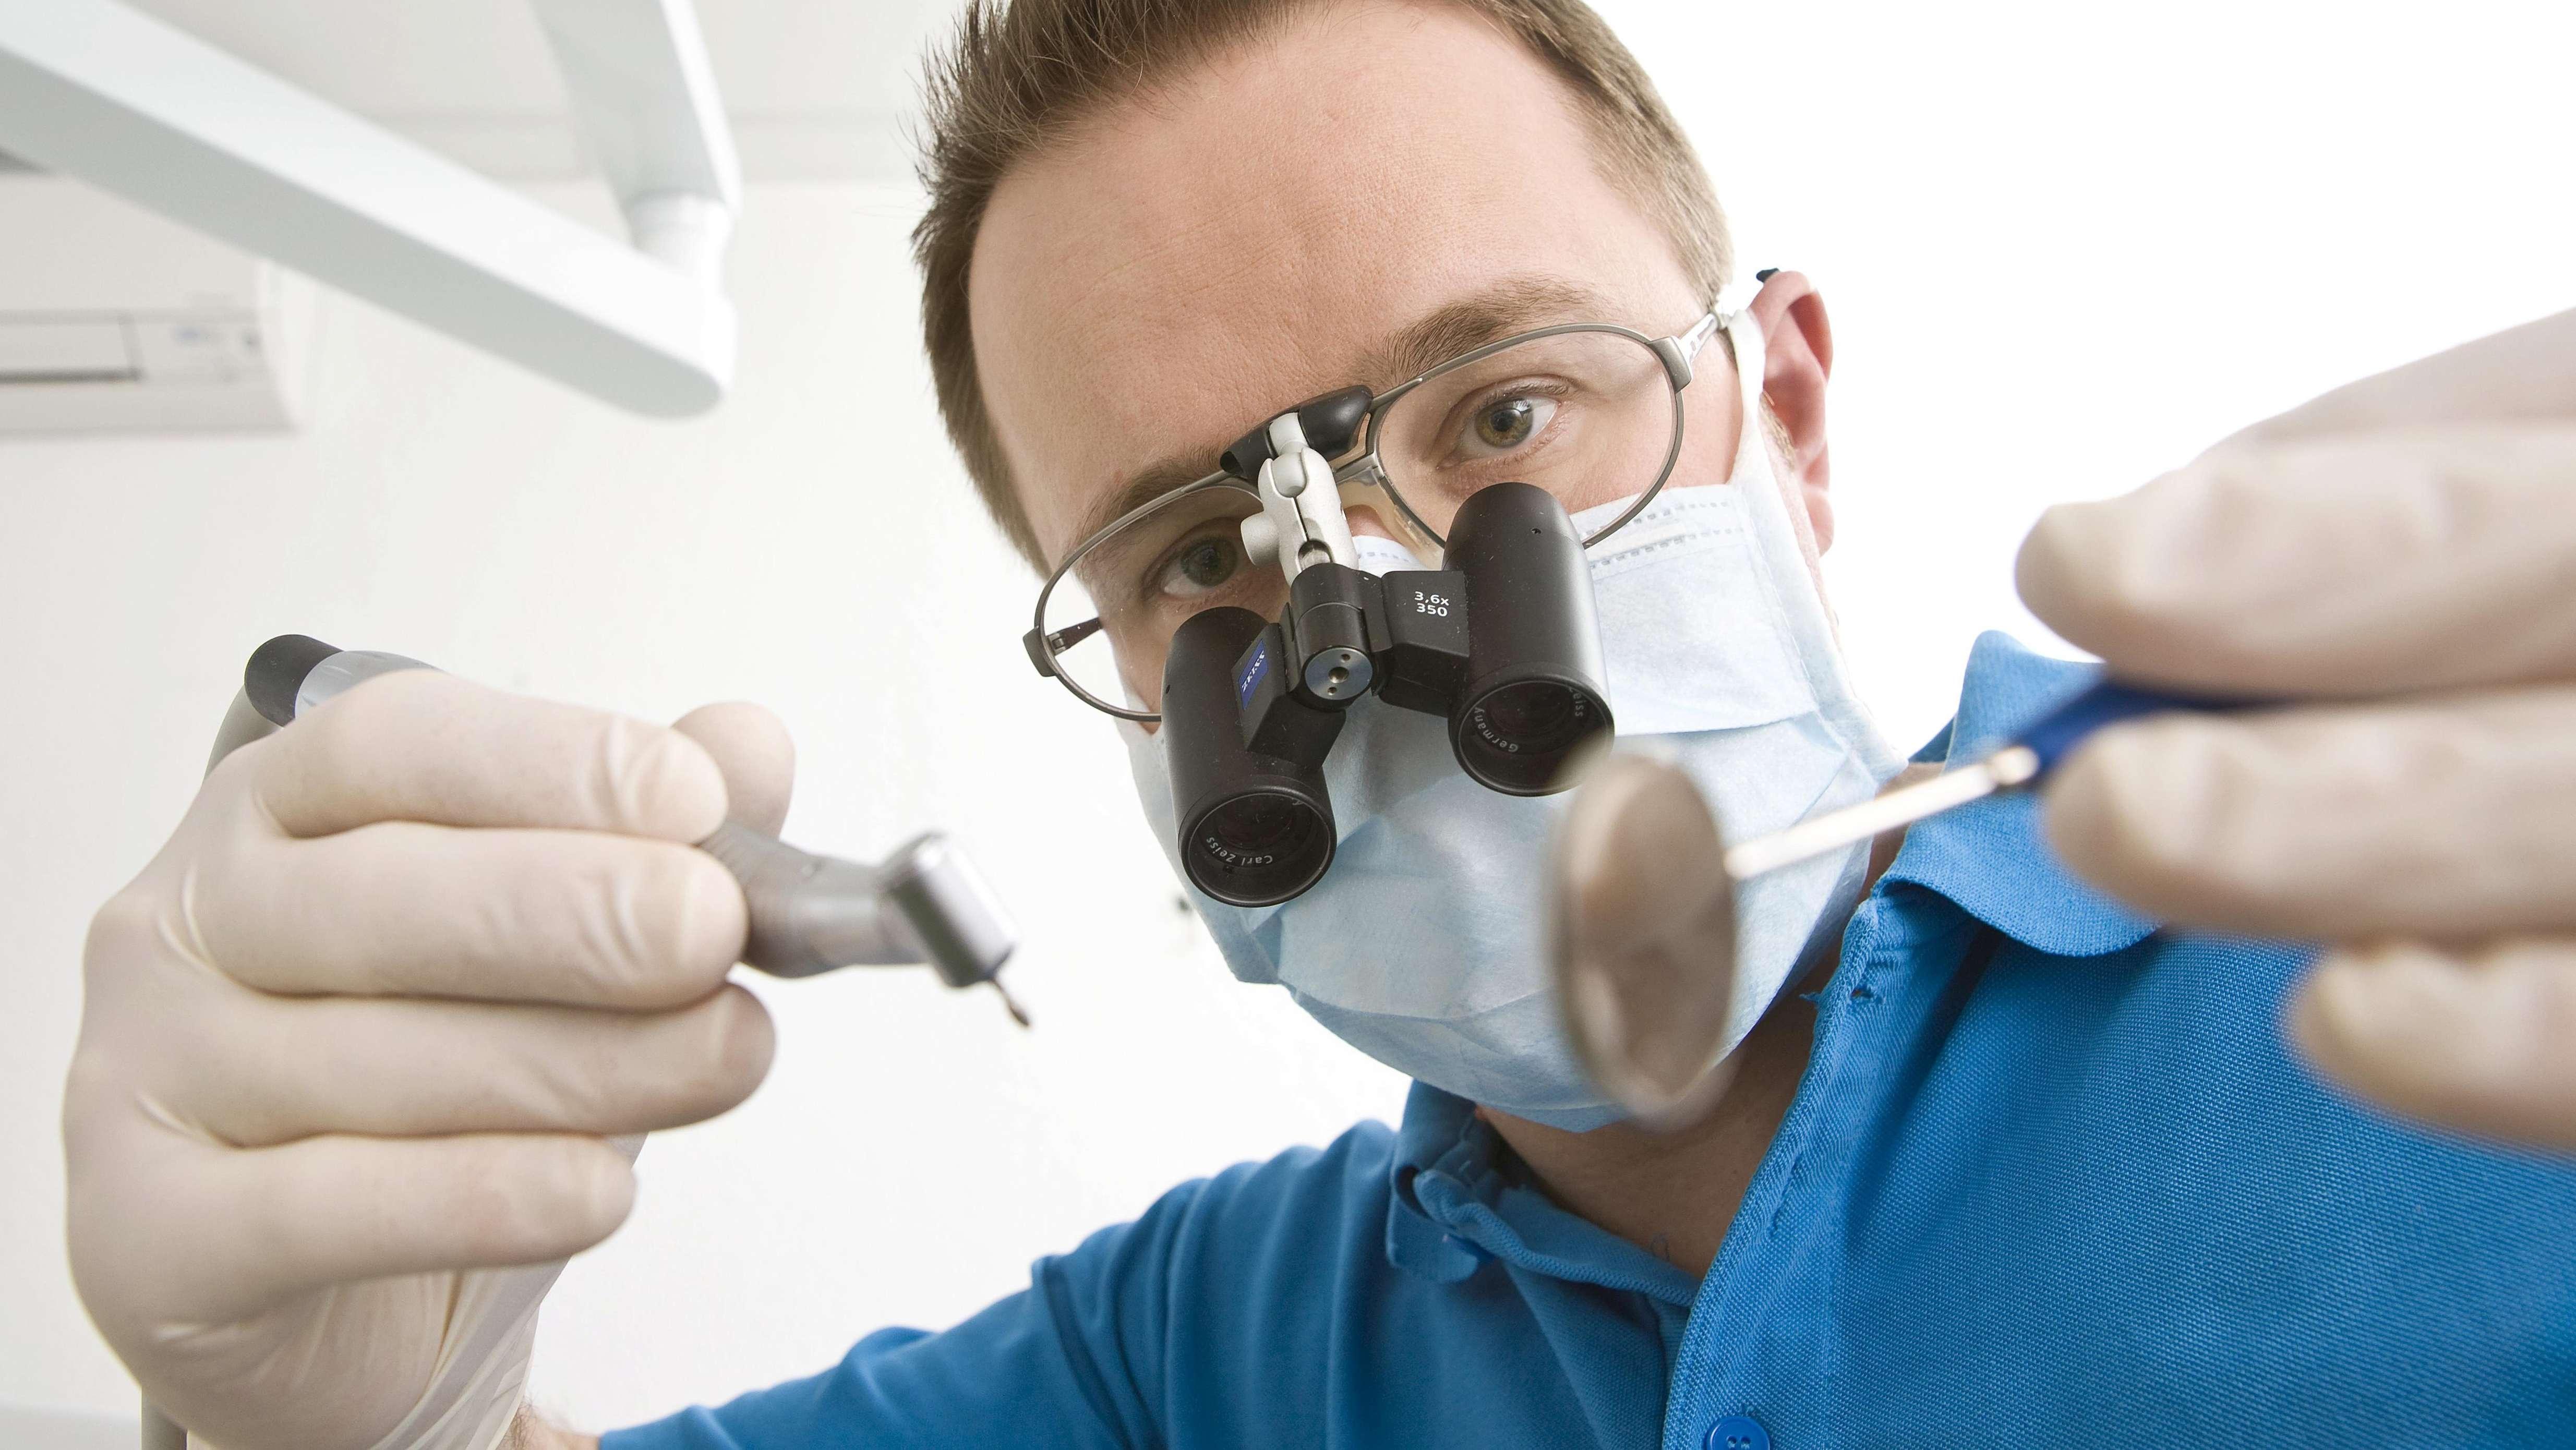 Zahnarzt mit Lupenbrille bei der Behandlung